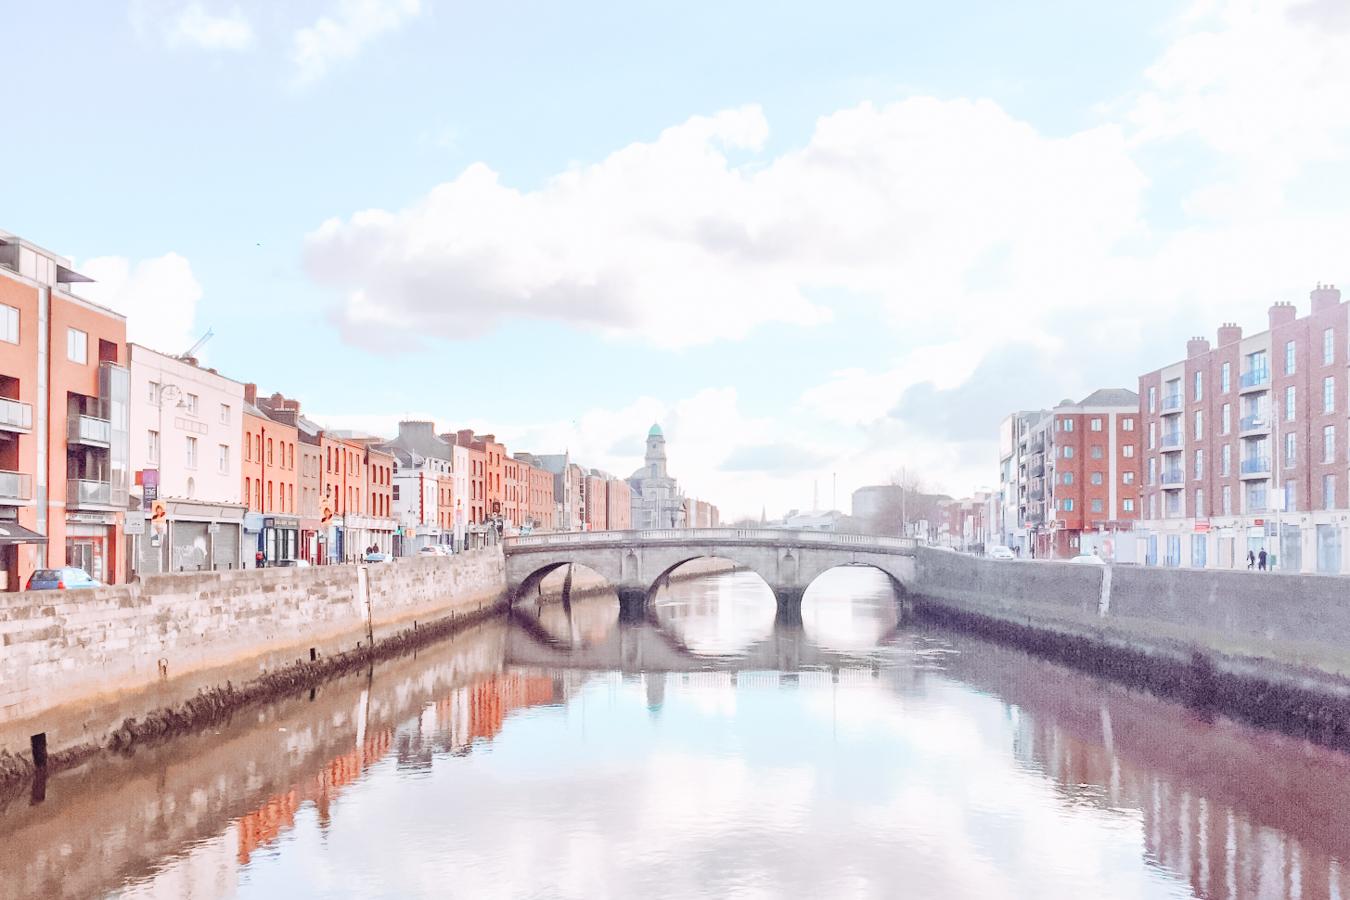 River, bridge, and buildings in Dublin